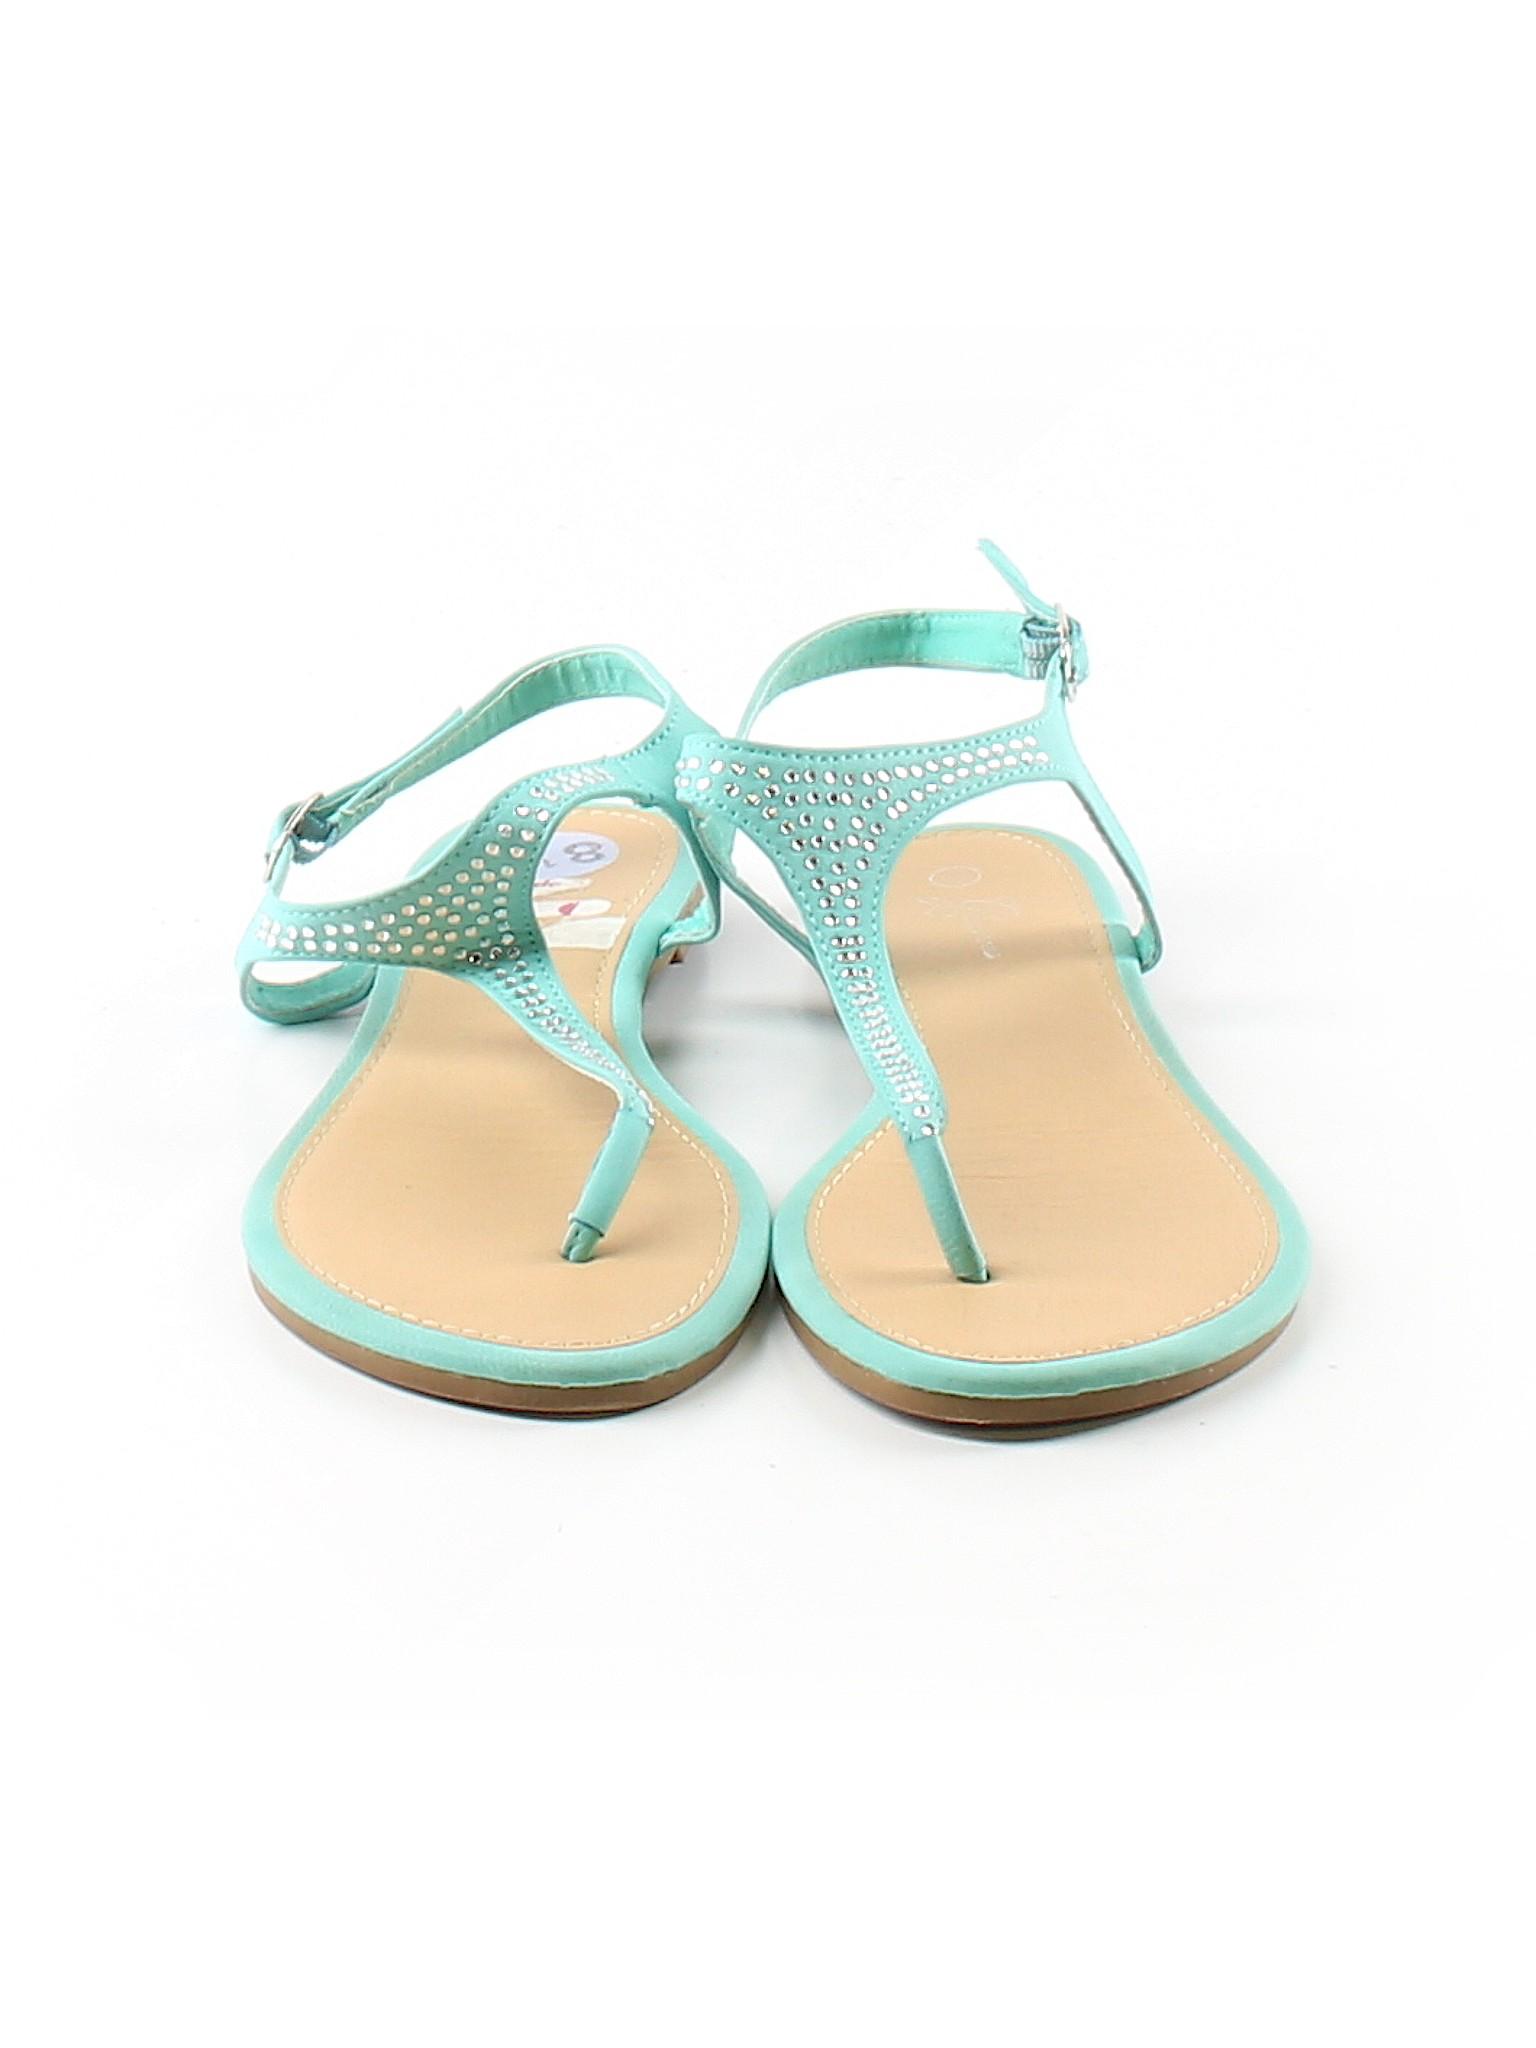 Glamorous Boutique promotion Glamorous promotion Boutique Boutique promotion Boutique Sandals Sandals Sandals Glamorous qwfvAUOxw1